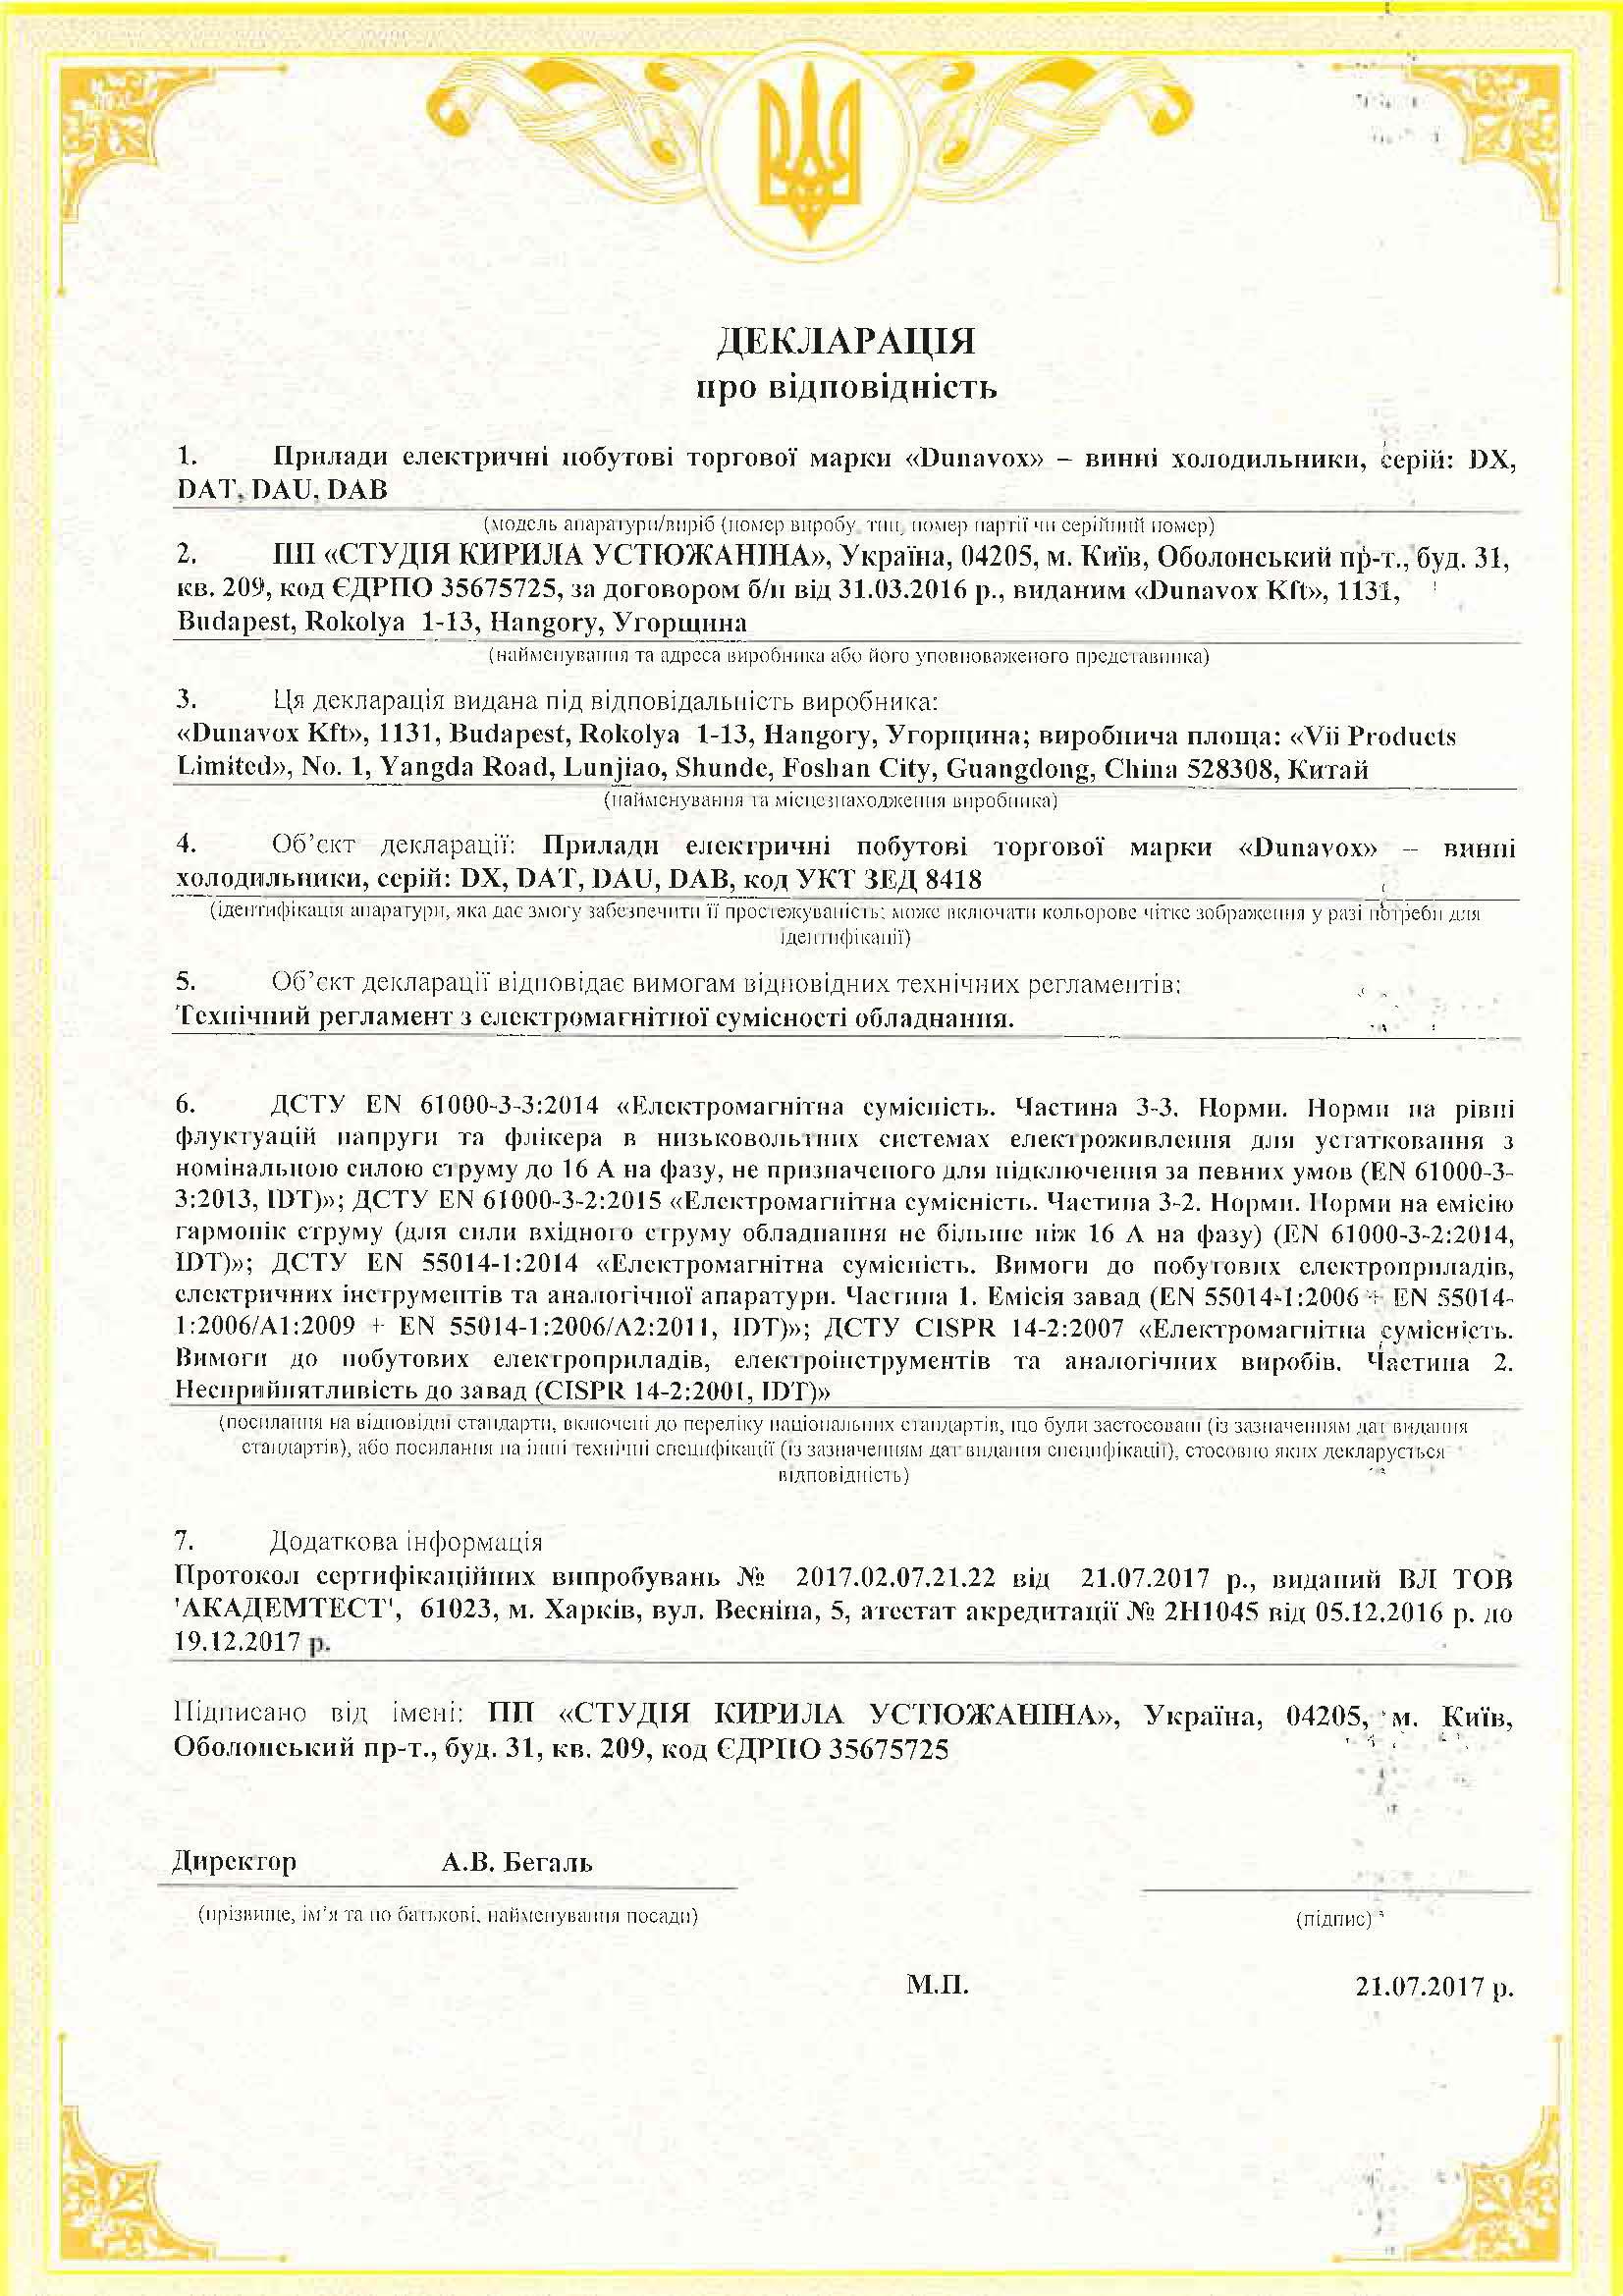 Винные холодильники DUNAVOX сертификат